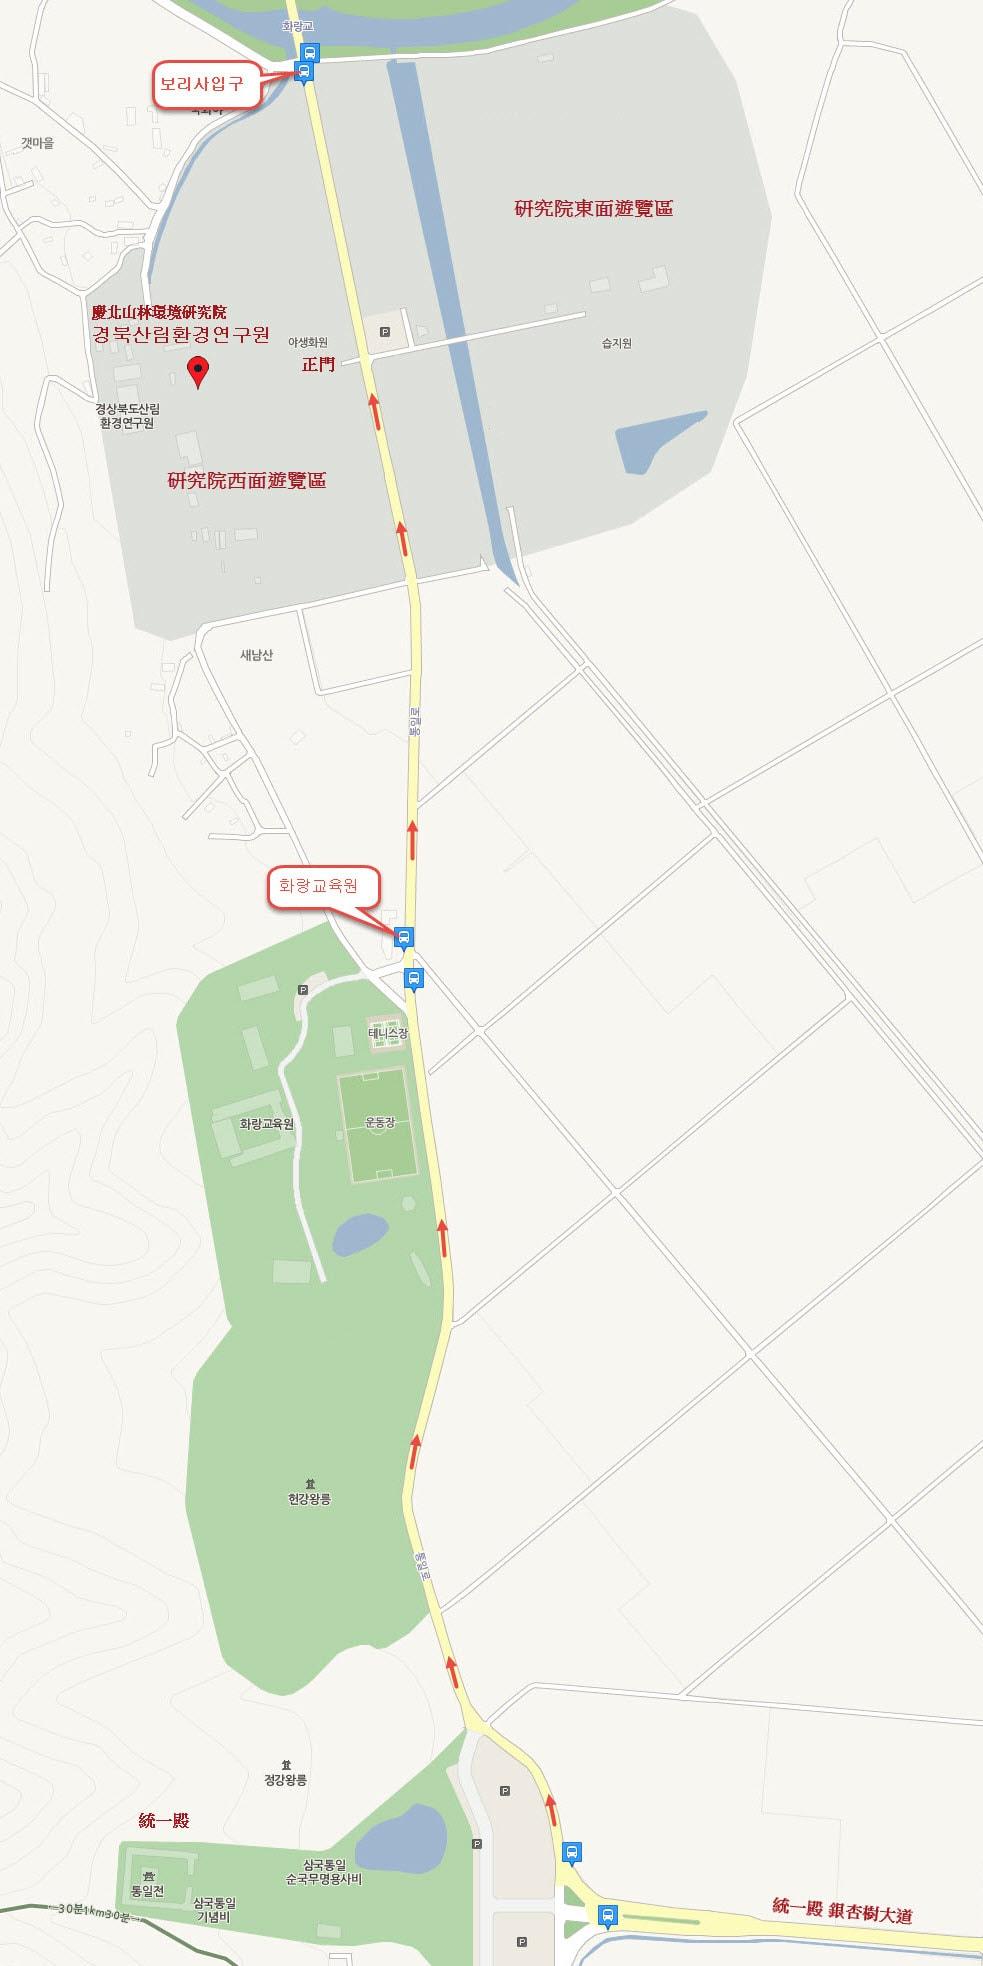 統一殿步行往慶北山林環境研究院地圖